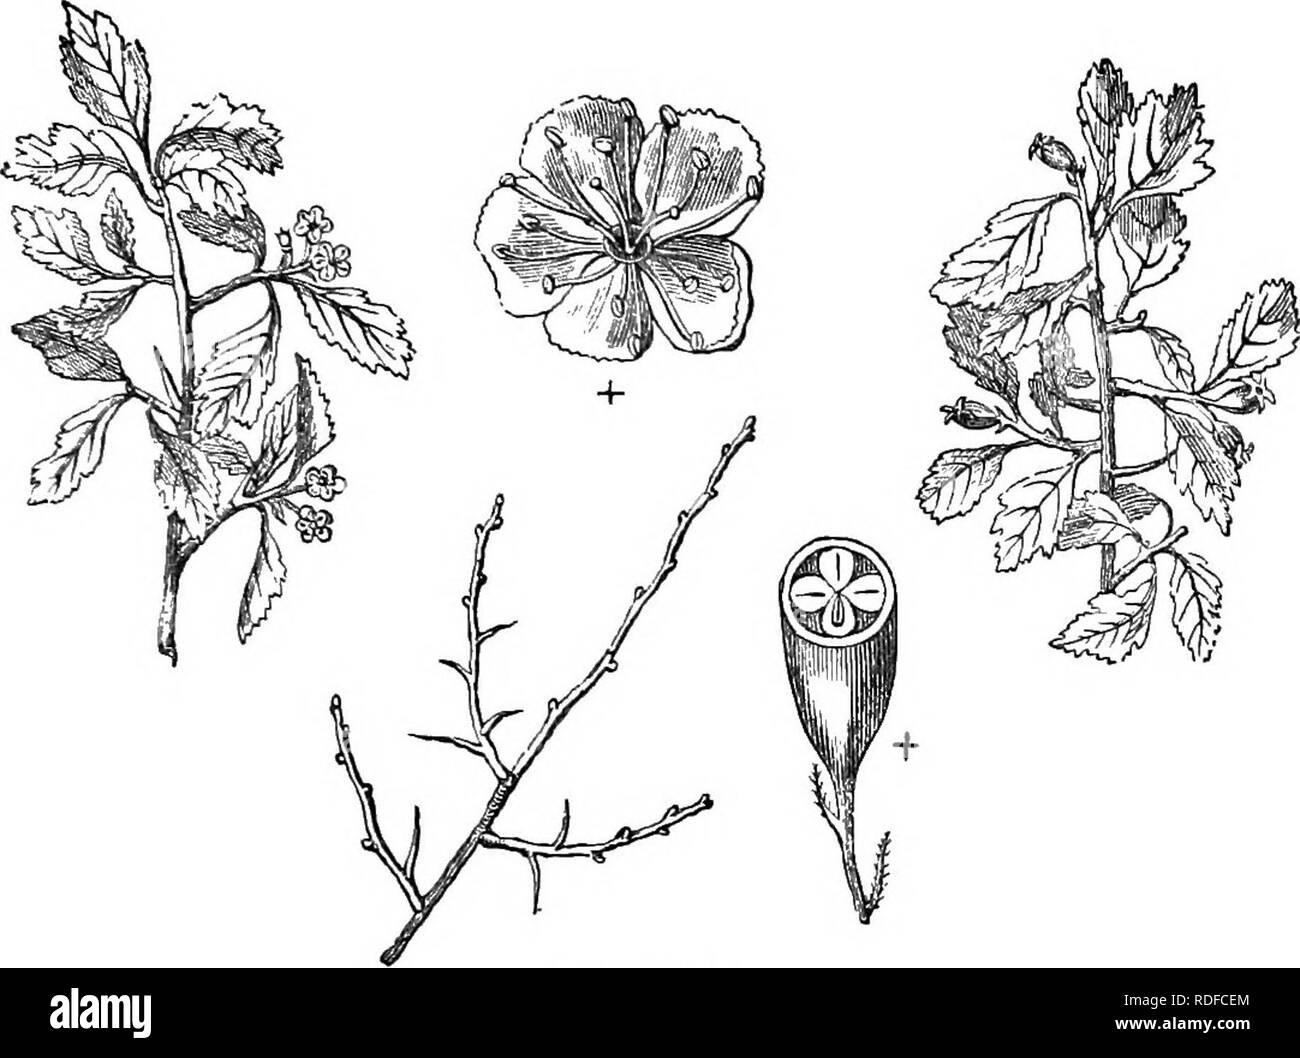 . Los árboles y arbustos : una versión abreviada del Arboretum et fruticetum britannicum : contienen los hardy schrubs y árboles de Gran Bretaña, nativos y extranjeros, y científicamente descrito popular : con su propagación, cultivo y usos y grabados de casi todas las especies. Los árboles, los arbustos, los bosques y la silvicultura. XXVI. BOSA^CEiE : CRATiE^GUS. 365. C49. C. fl&TB. desde Virginia a Carolina. Altura 15 ft a 20 ft. Presentado en .72*. Flores blancas; el mes de mayo. Haws amarillo; maduro en octubre. Hojas decadente de color amarillo. Las flores y los frutos no son producidas en abundancia, ni hacer ningún gran espectáculo Foto de stock